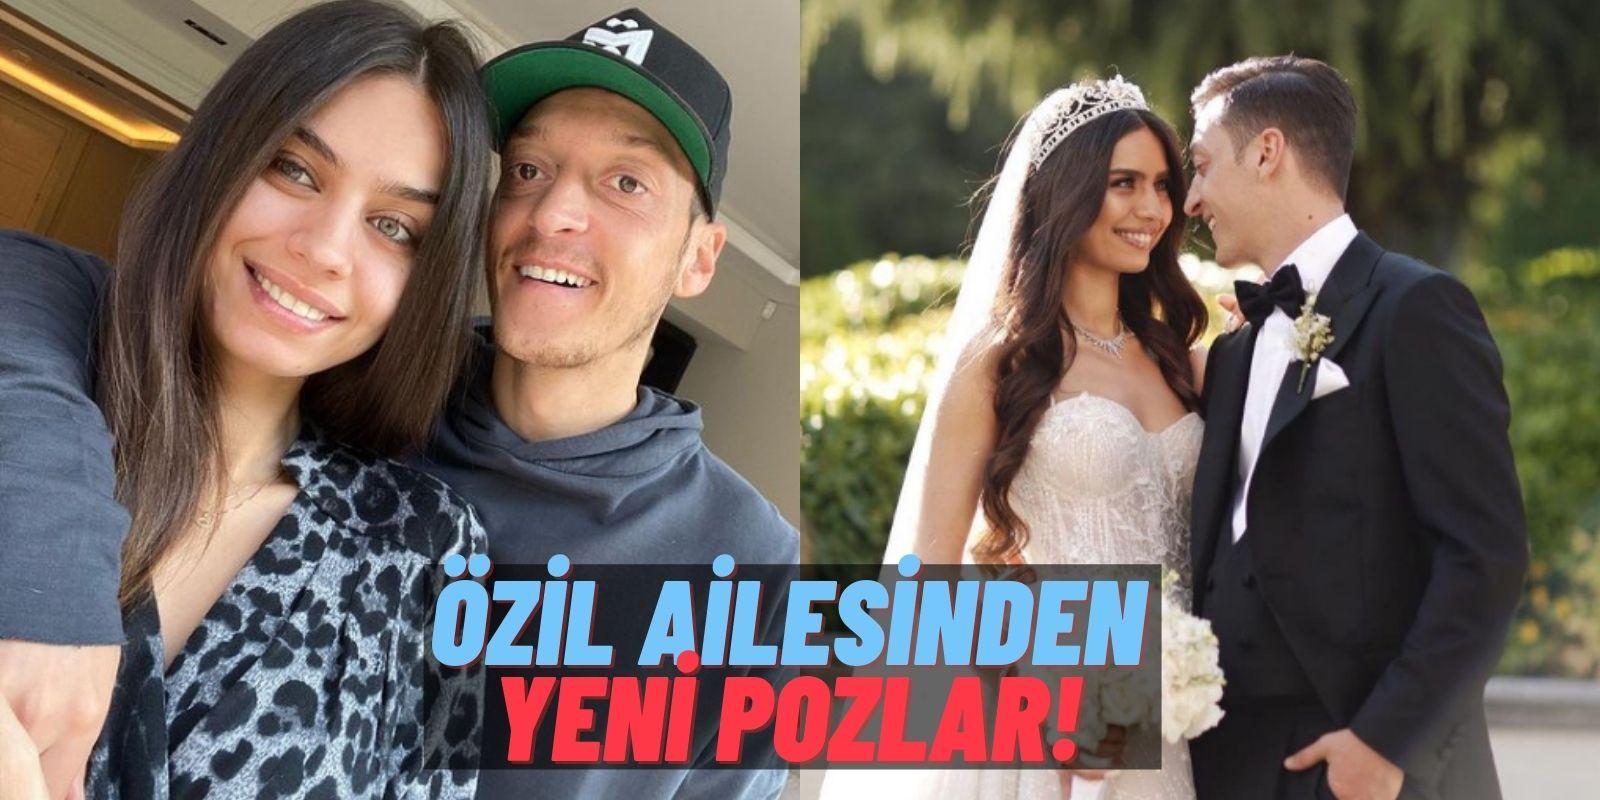 """Mesut Özil'in Eşi Amine Özil'den Kızı Eda'yla İçinizi Eritecek Yeni Paylaşımlar Geldi: """"Dünyam!"""""""